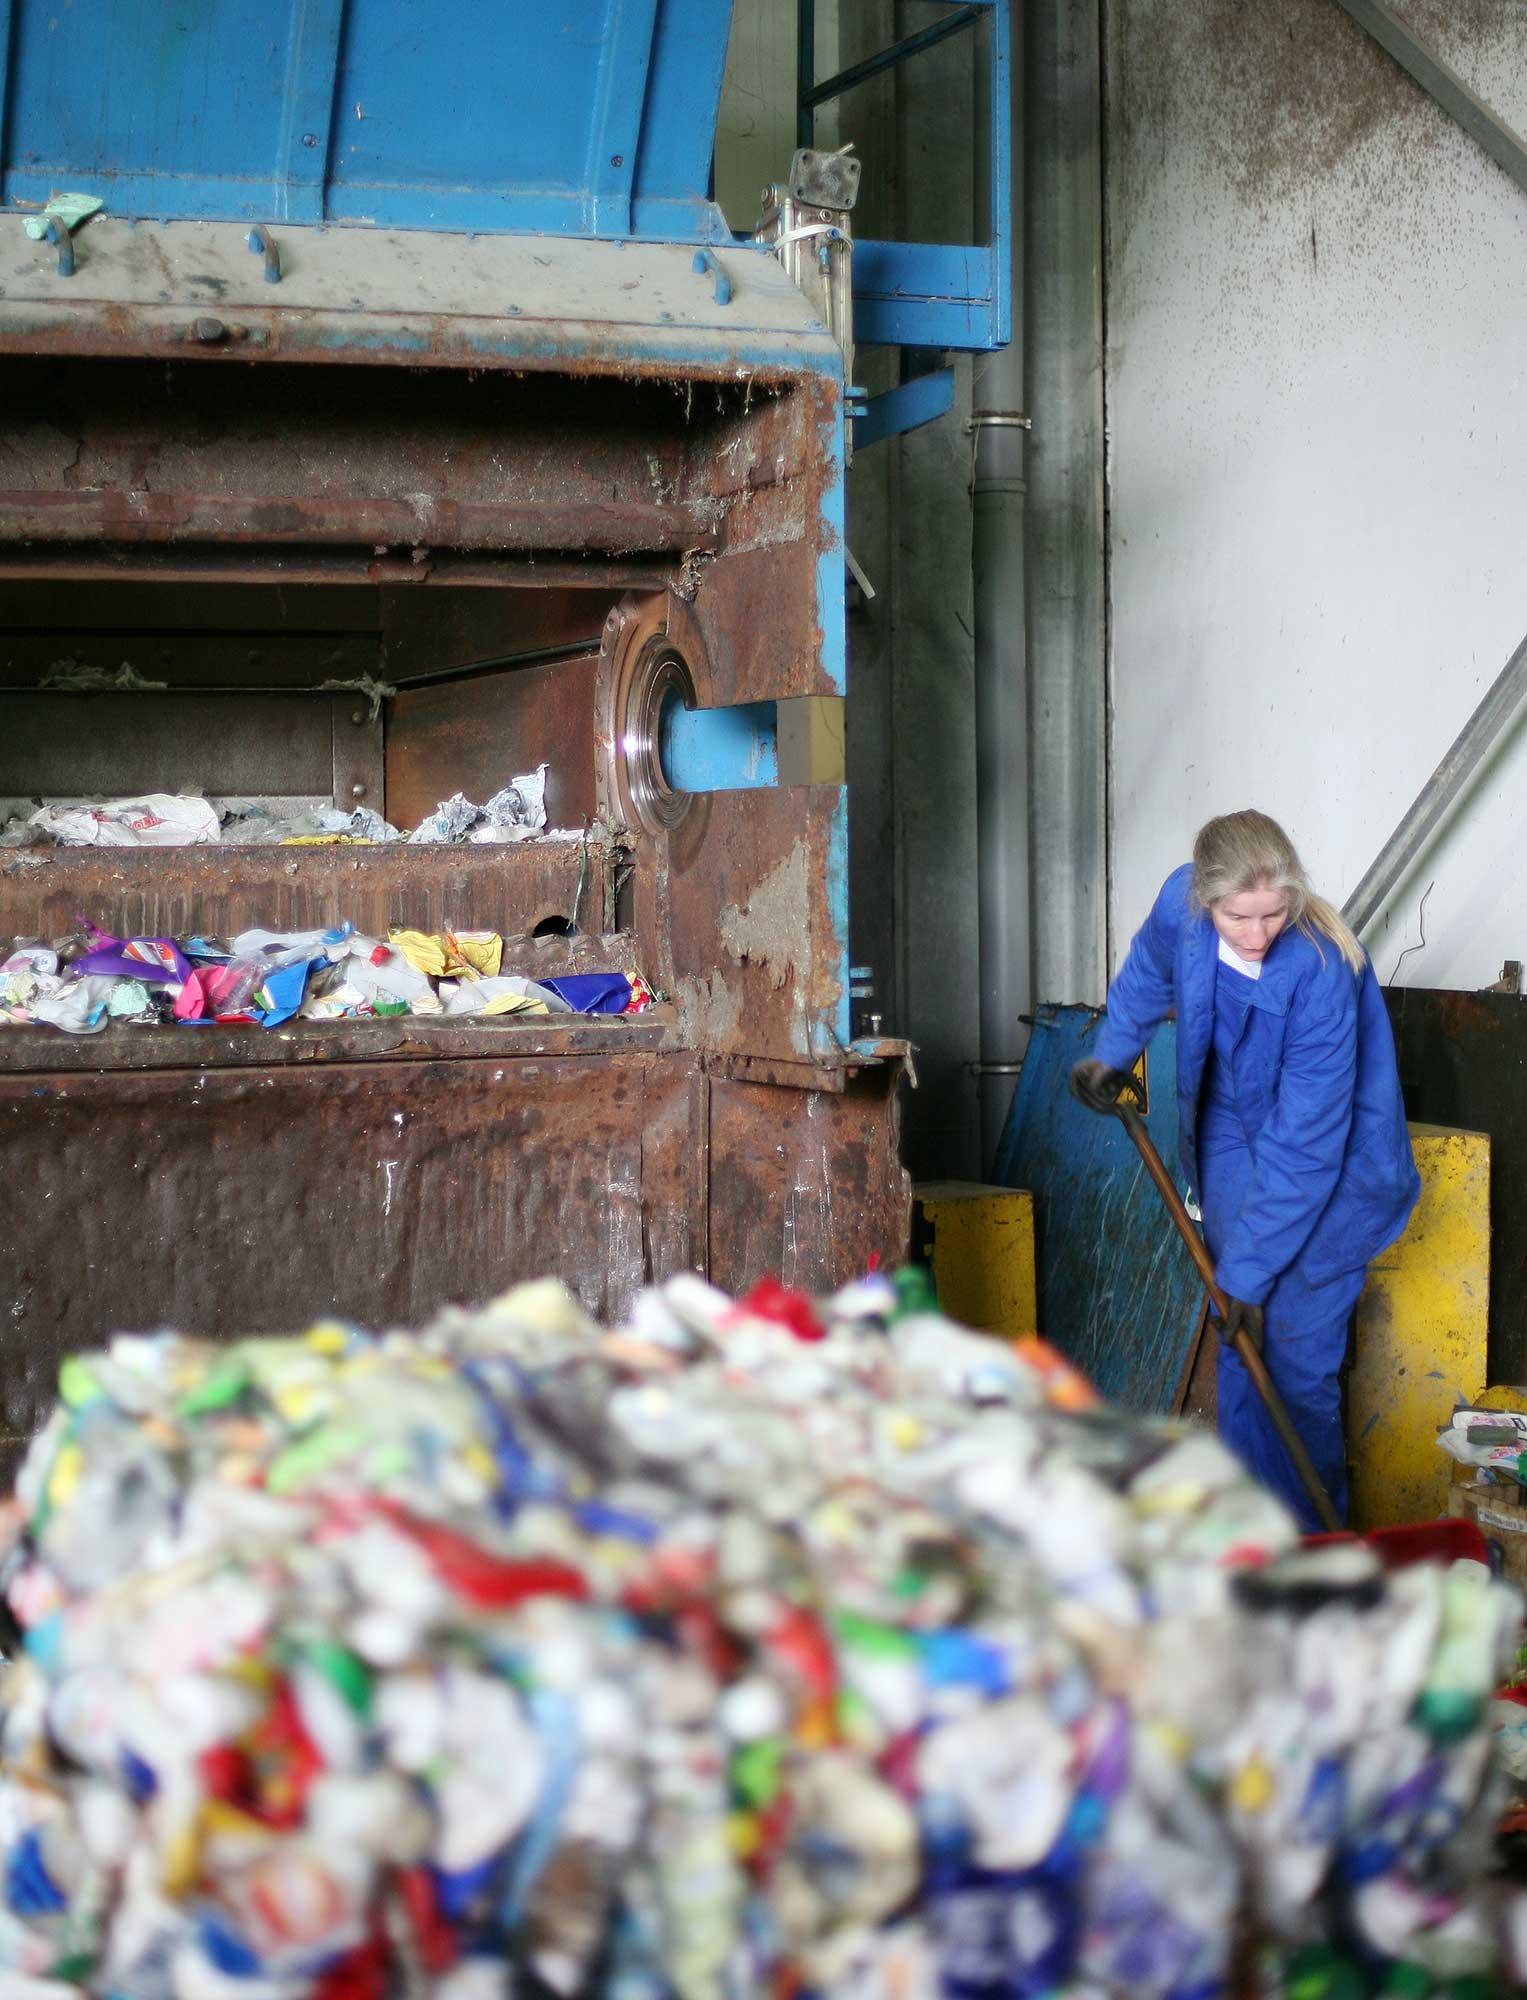 Verwertung von gebrauchten Kunststoffverpackungen